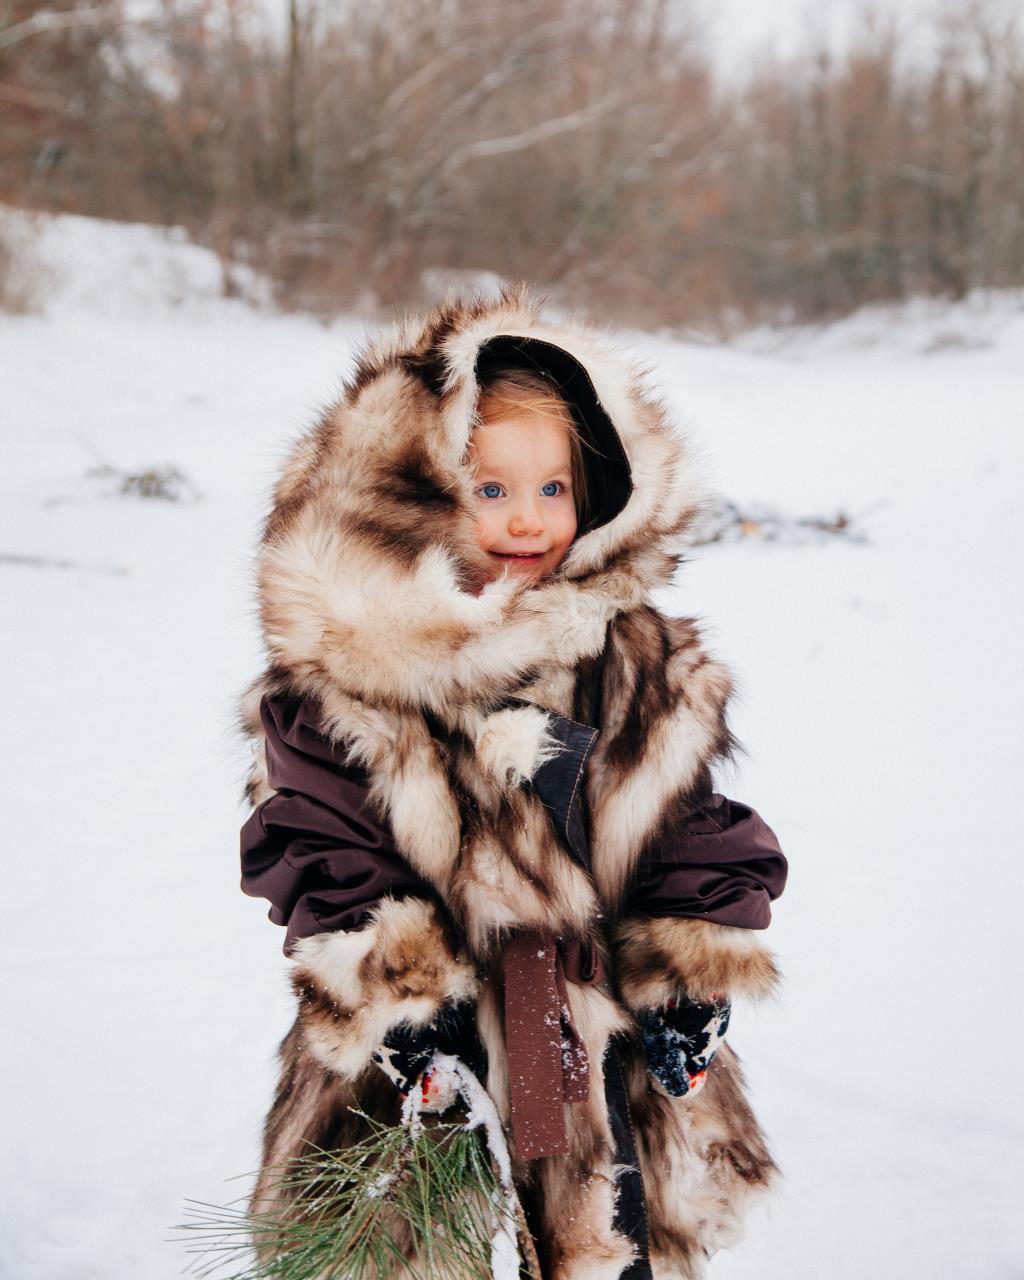 Якутяночка . Зимний образ